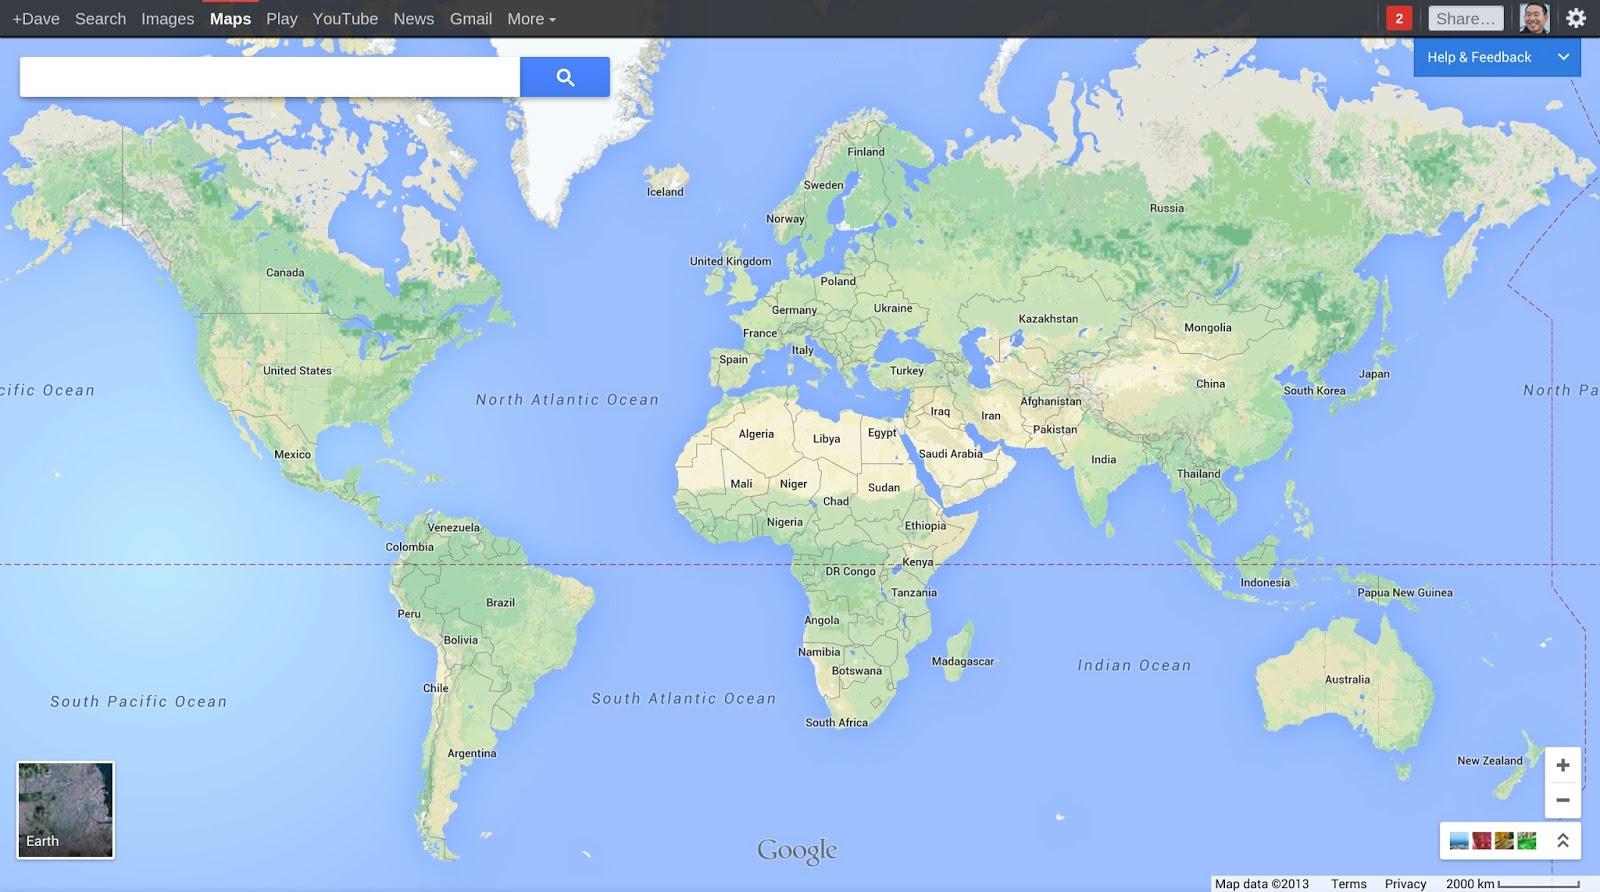 w w w google com br: